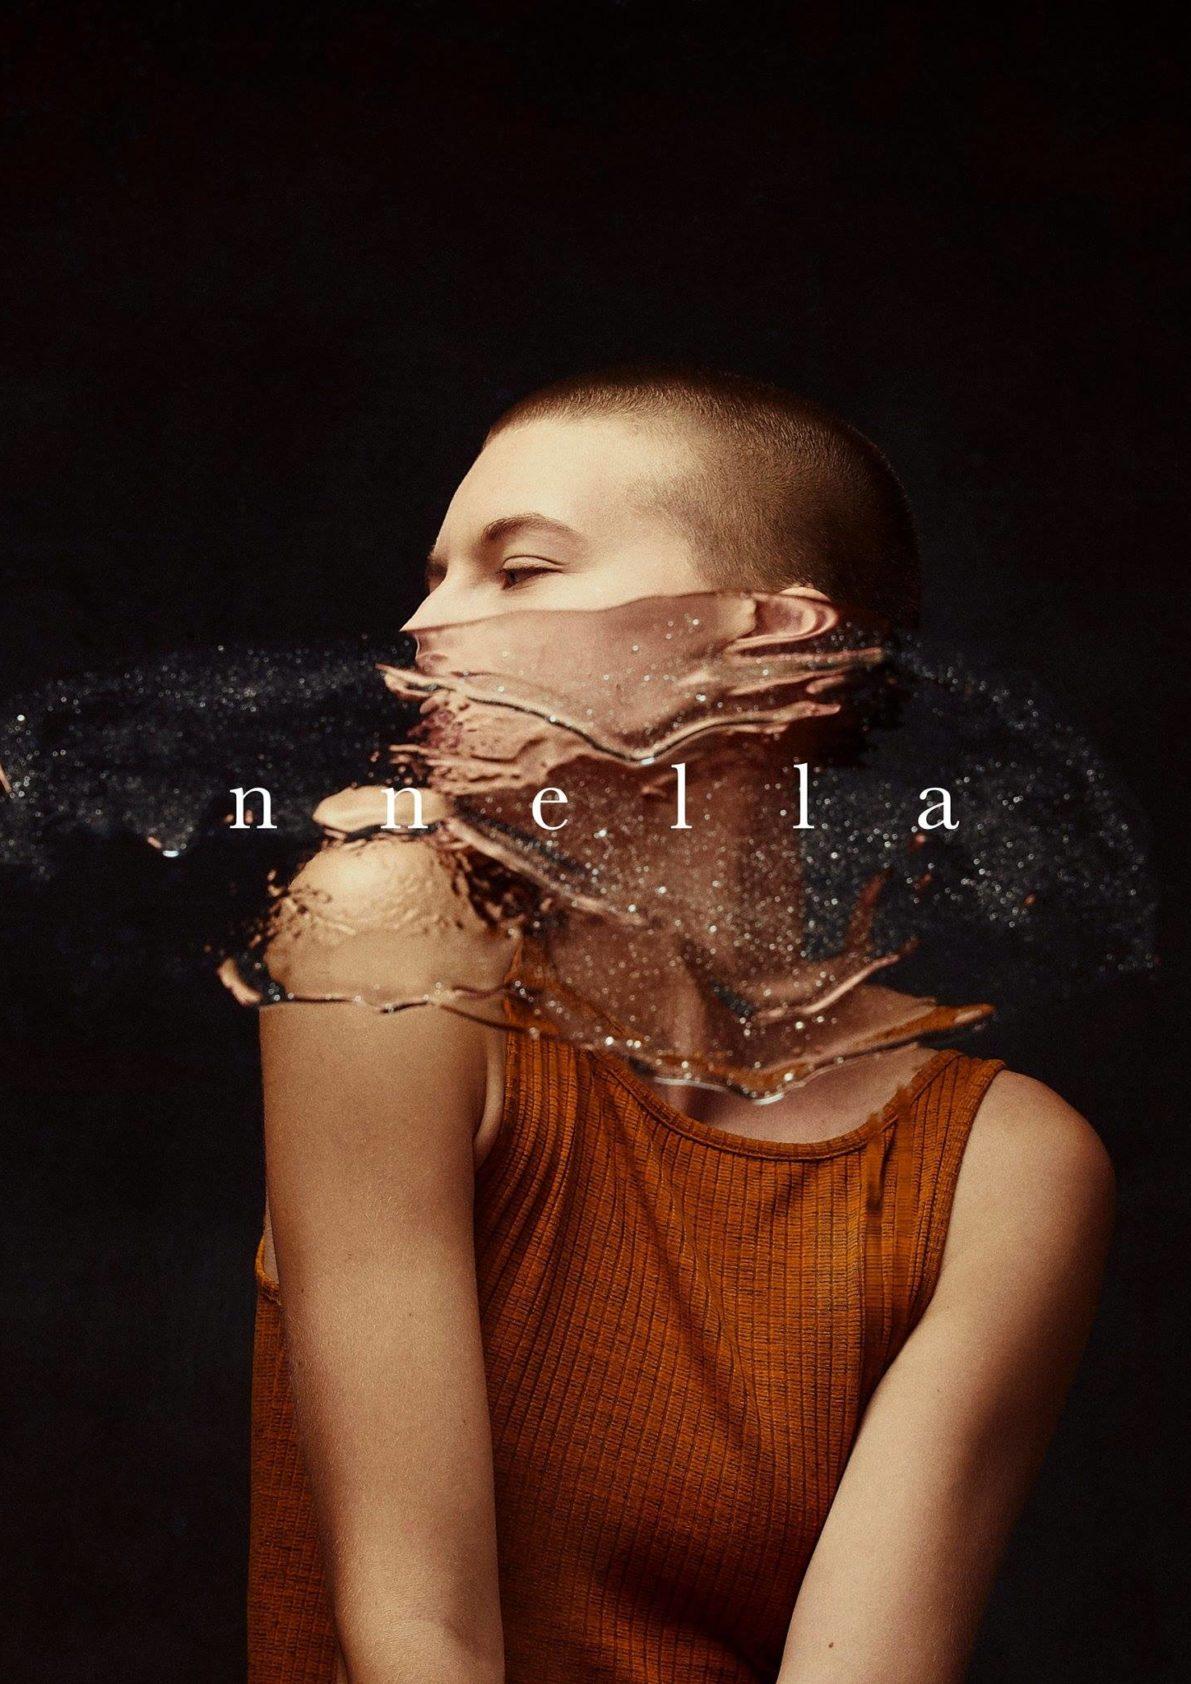 Nnella